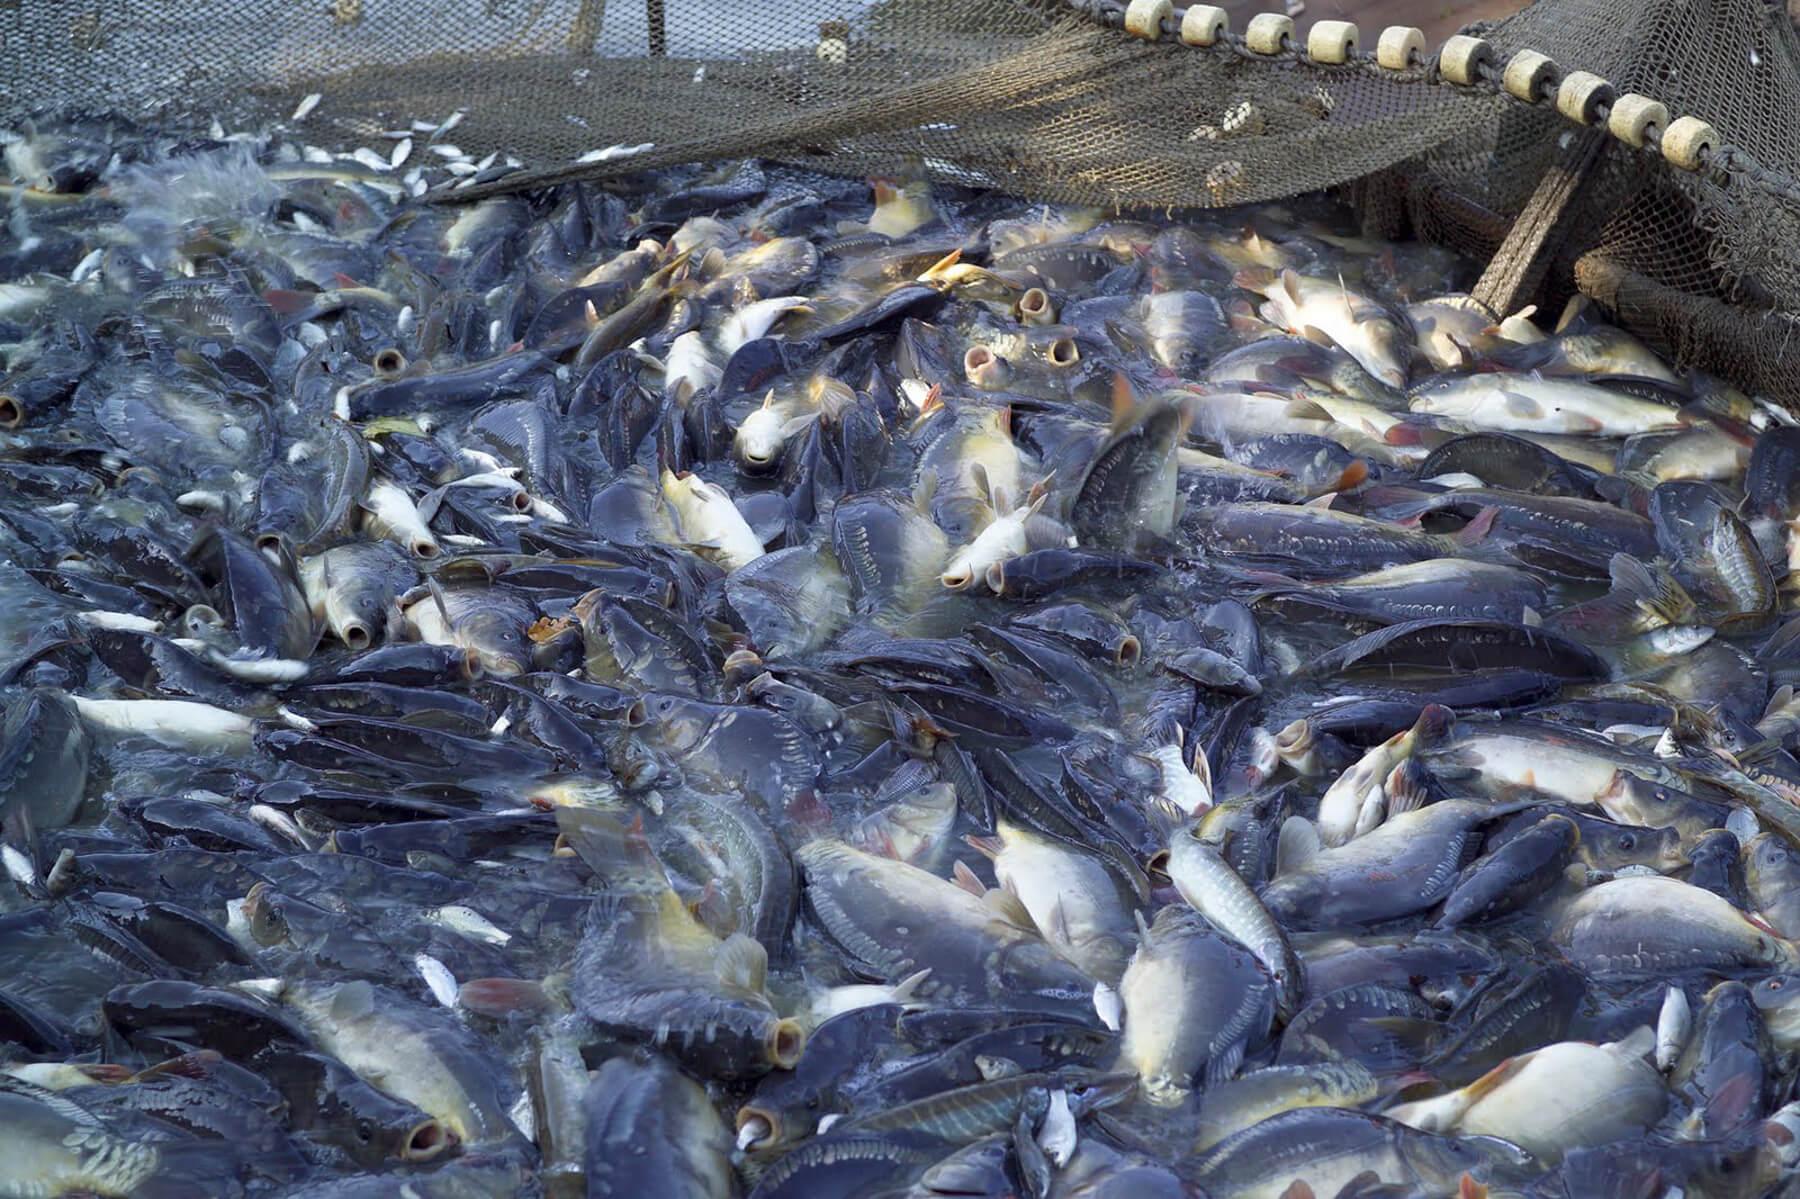 Manfaat Melakukan Budidaya Ikan Konsumsi